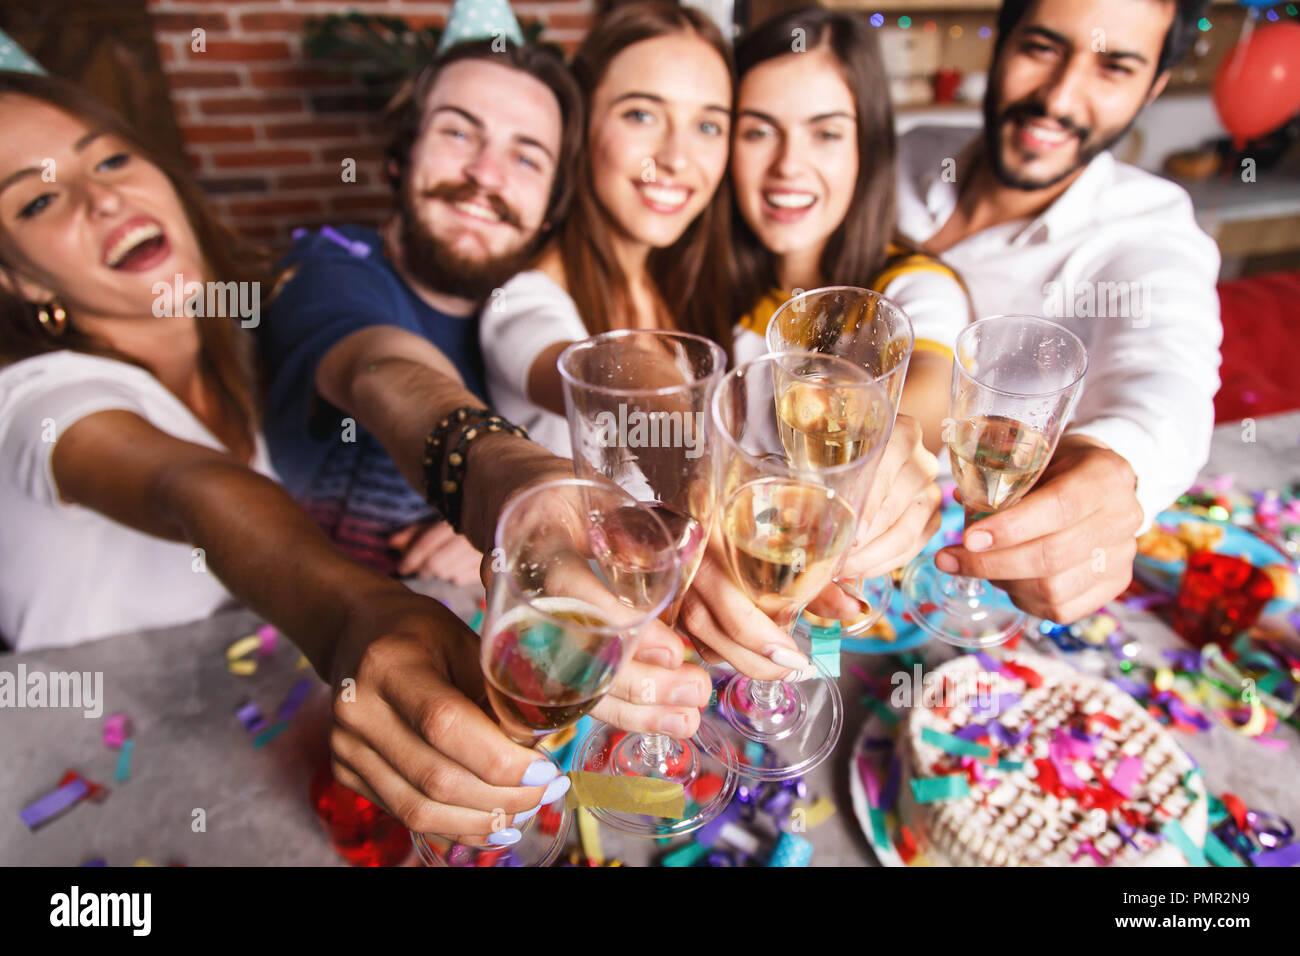 Atractivo multicultural mejores amigos riendo y elevando los vasos con champán, celebrando la fiesta de cumpleaños Foto de stock